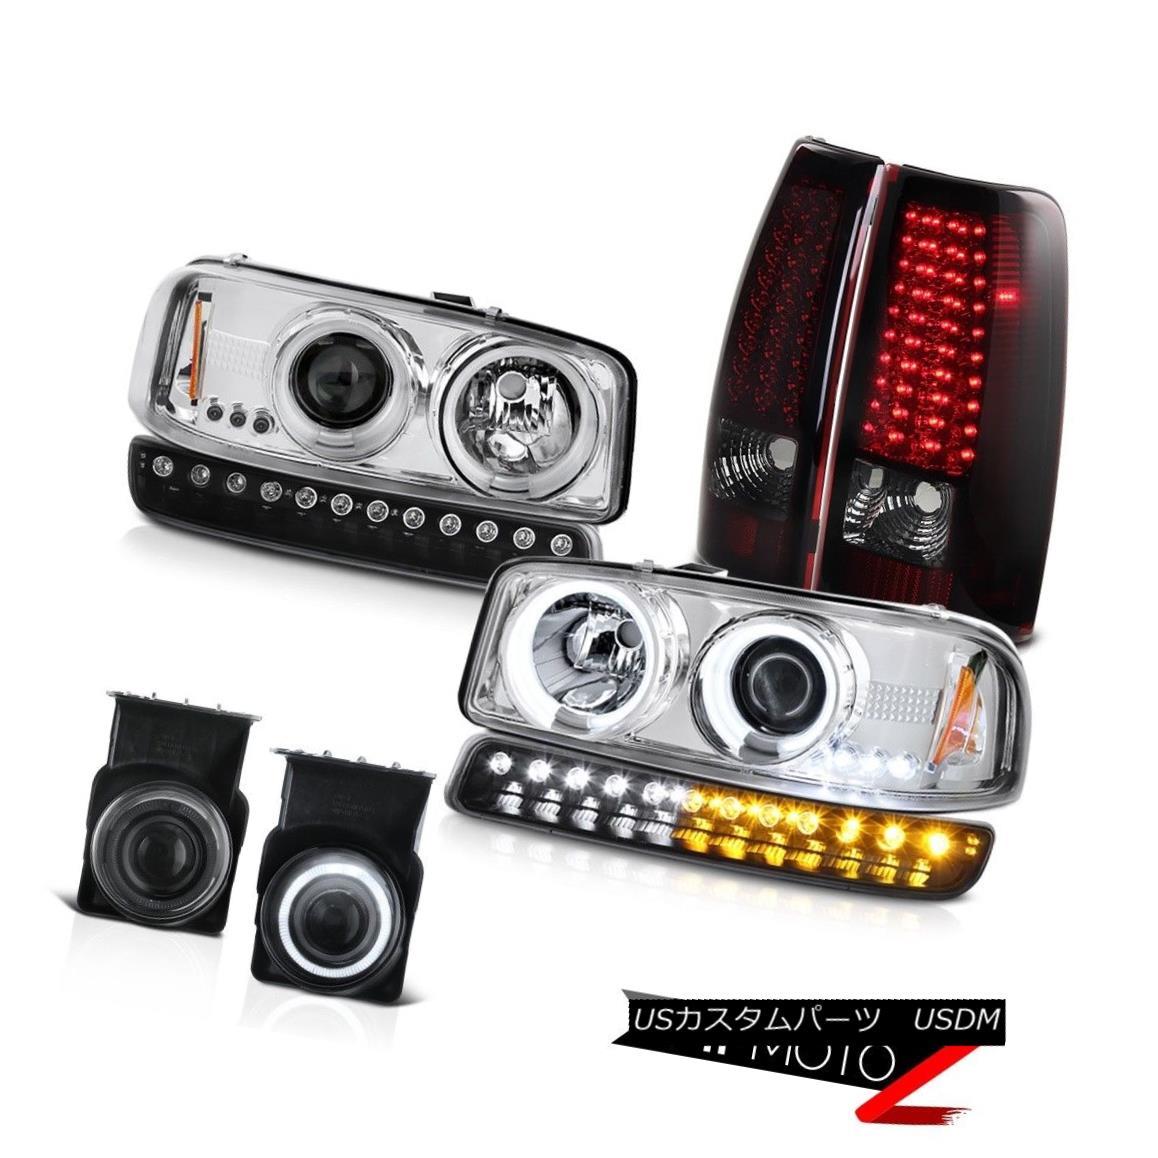 ヘッドライト 03-06 Sierra 2500 Fog lights led tail black bumper lamp chrome ccfl Headlights 03-06 Sierra 2500フォグライトはテールブラックバンパーランプをリードしましたクロムccflヘッドライト